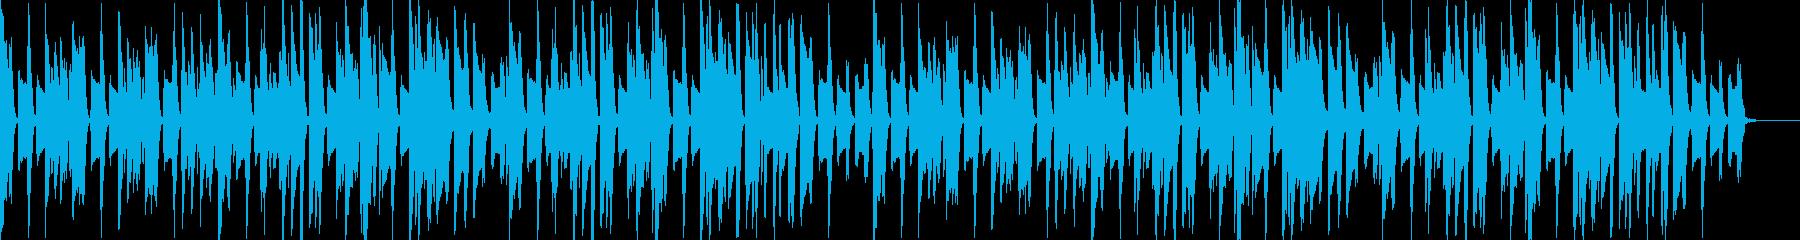 日常・料理・作業 ピアノ サイレント映画の再生済みの波形